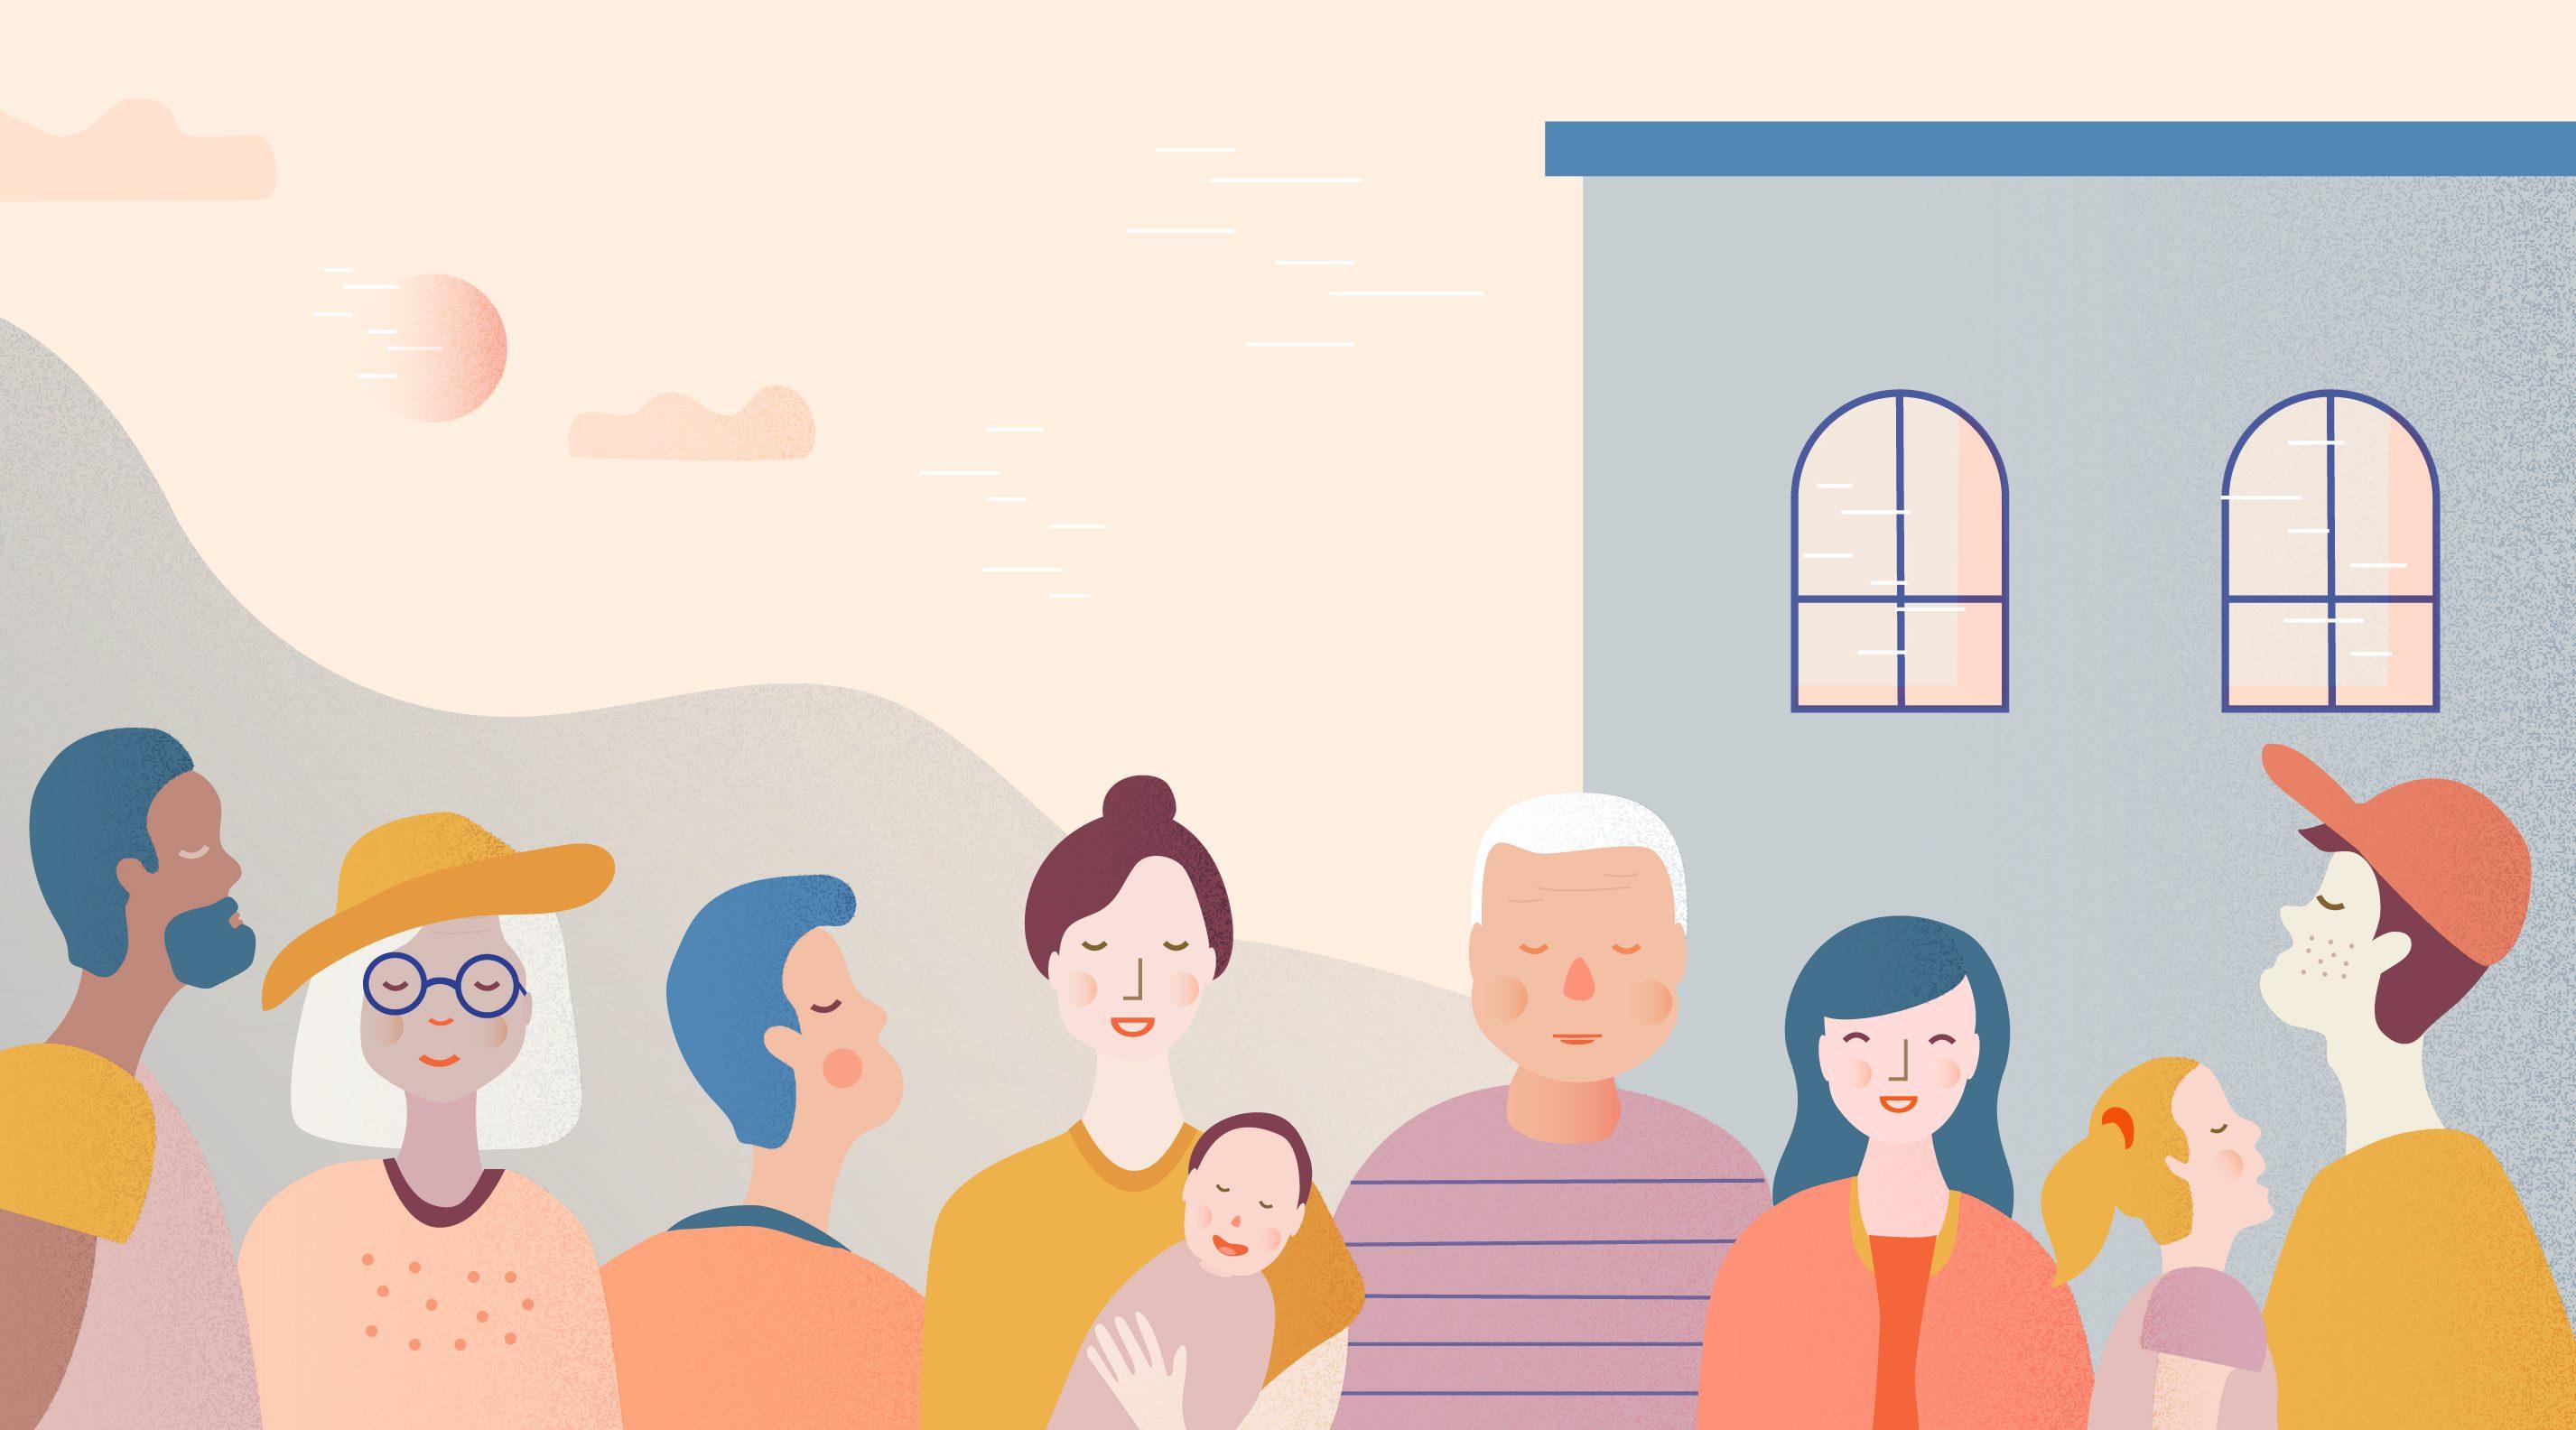 Ansikter mennesker by park illustrasjon digital tegnet baby